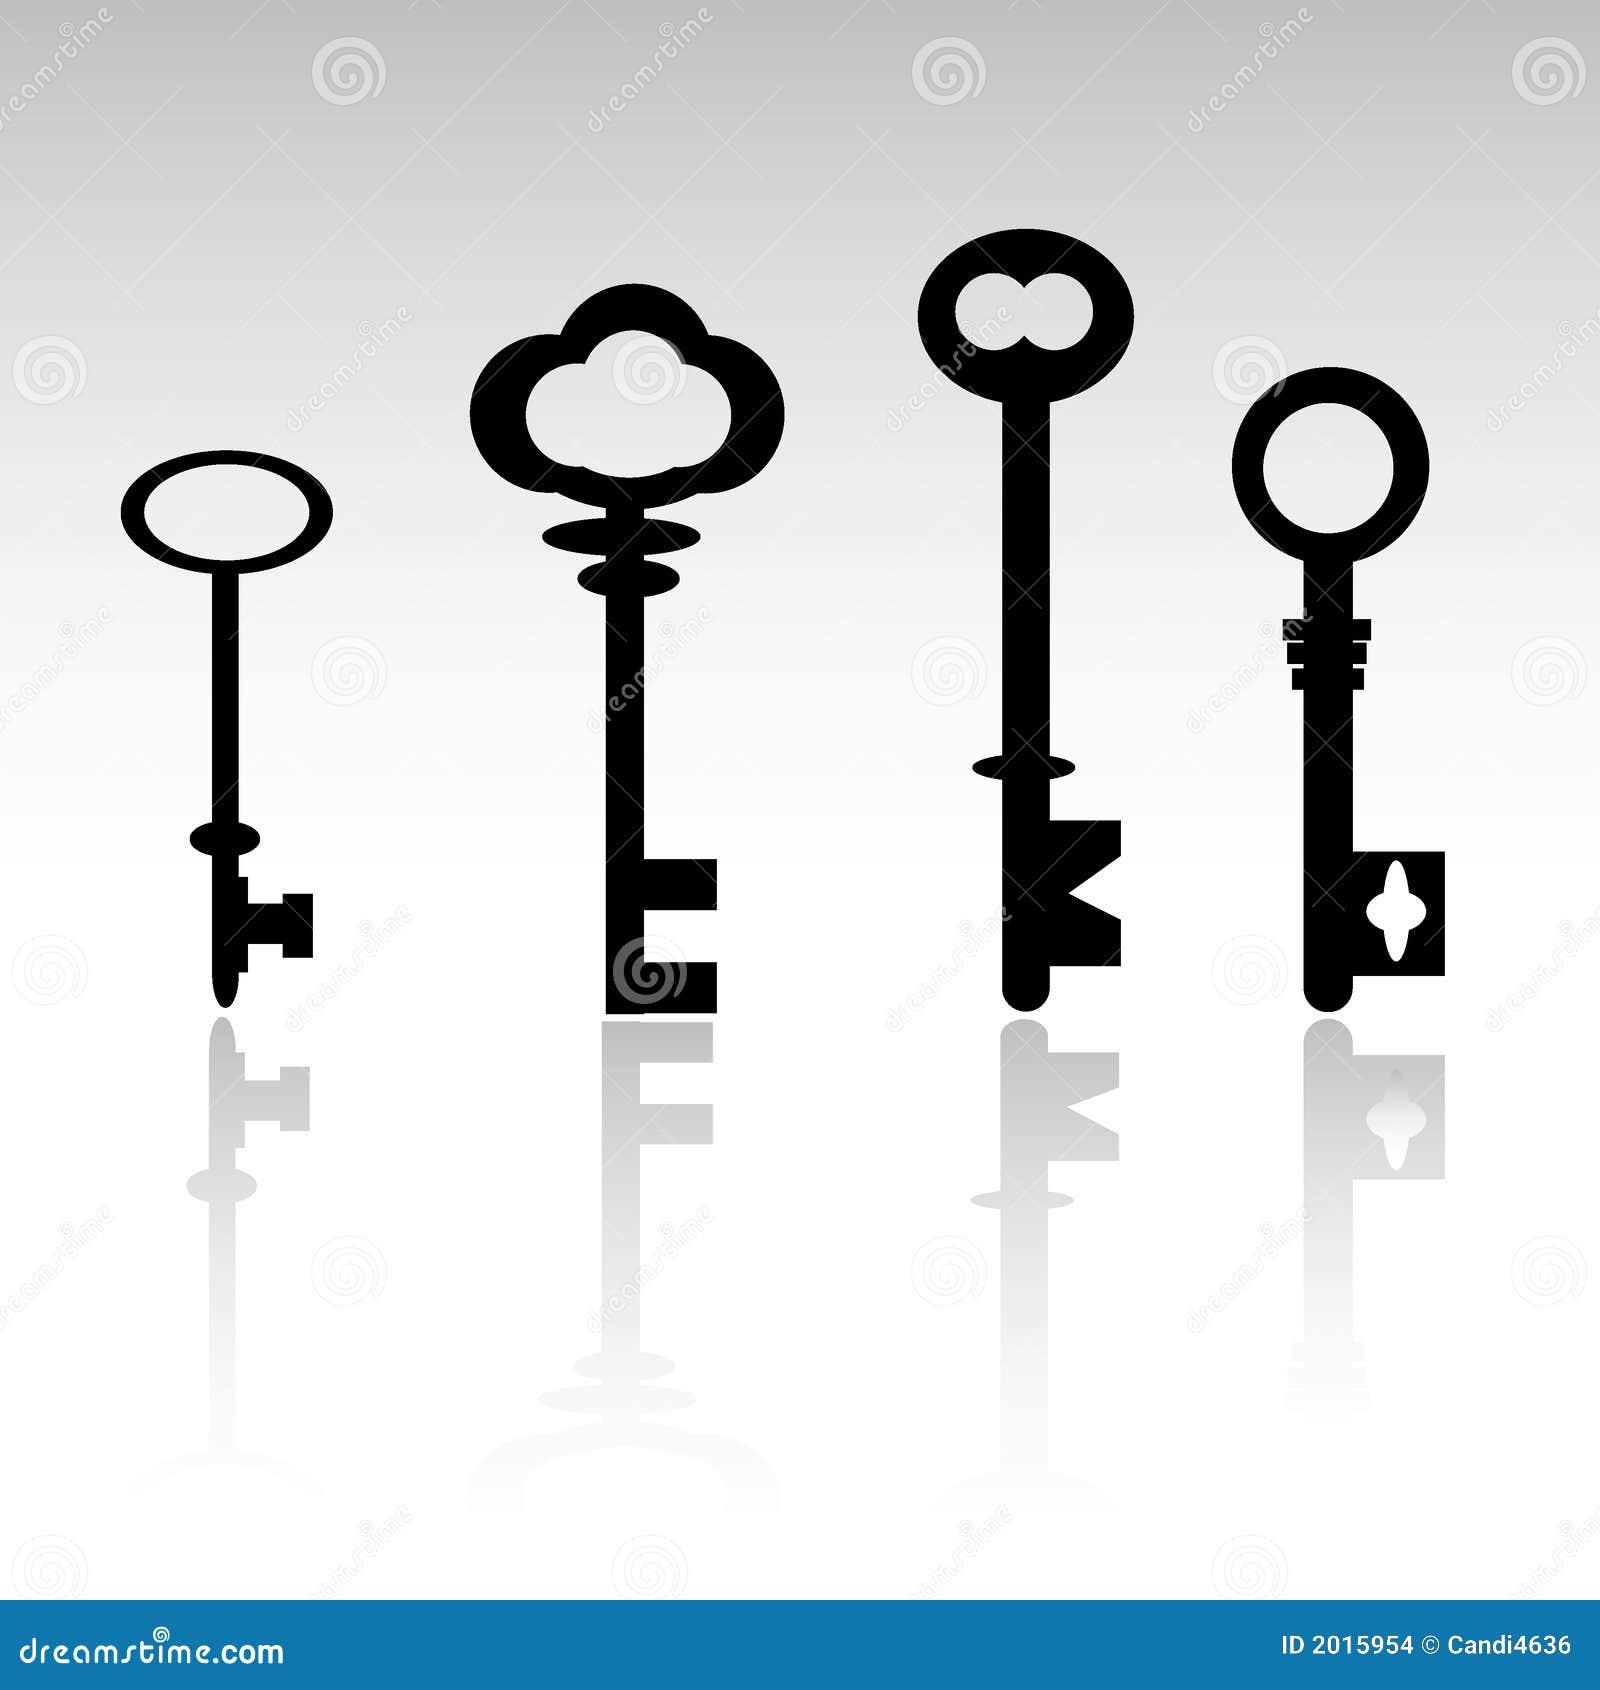 Vector Key Illustration: Skeleton Keys Stock Vector. Illustration Of Unlock, Door